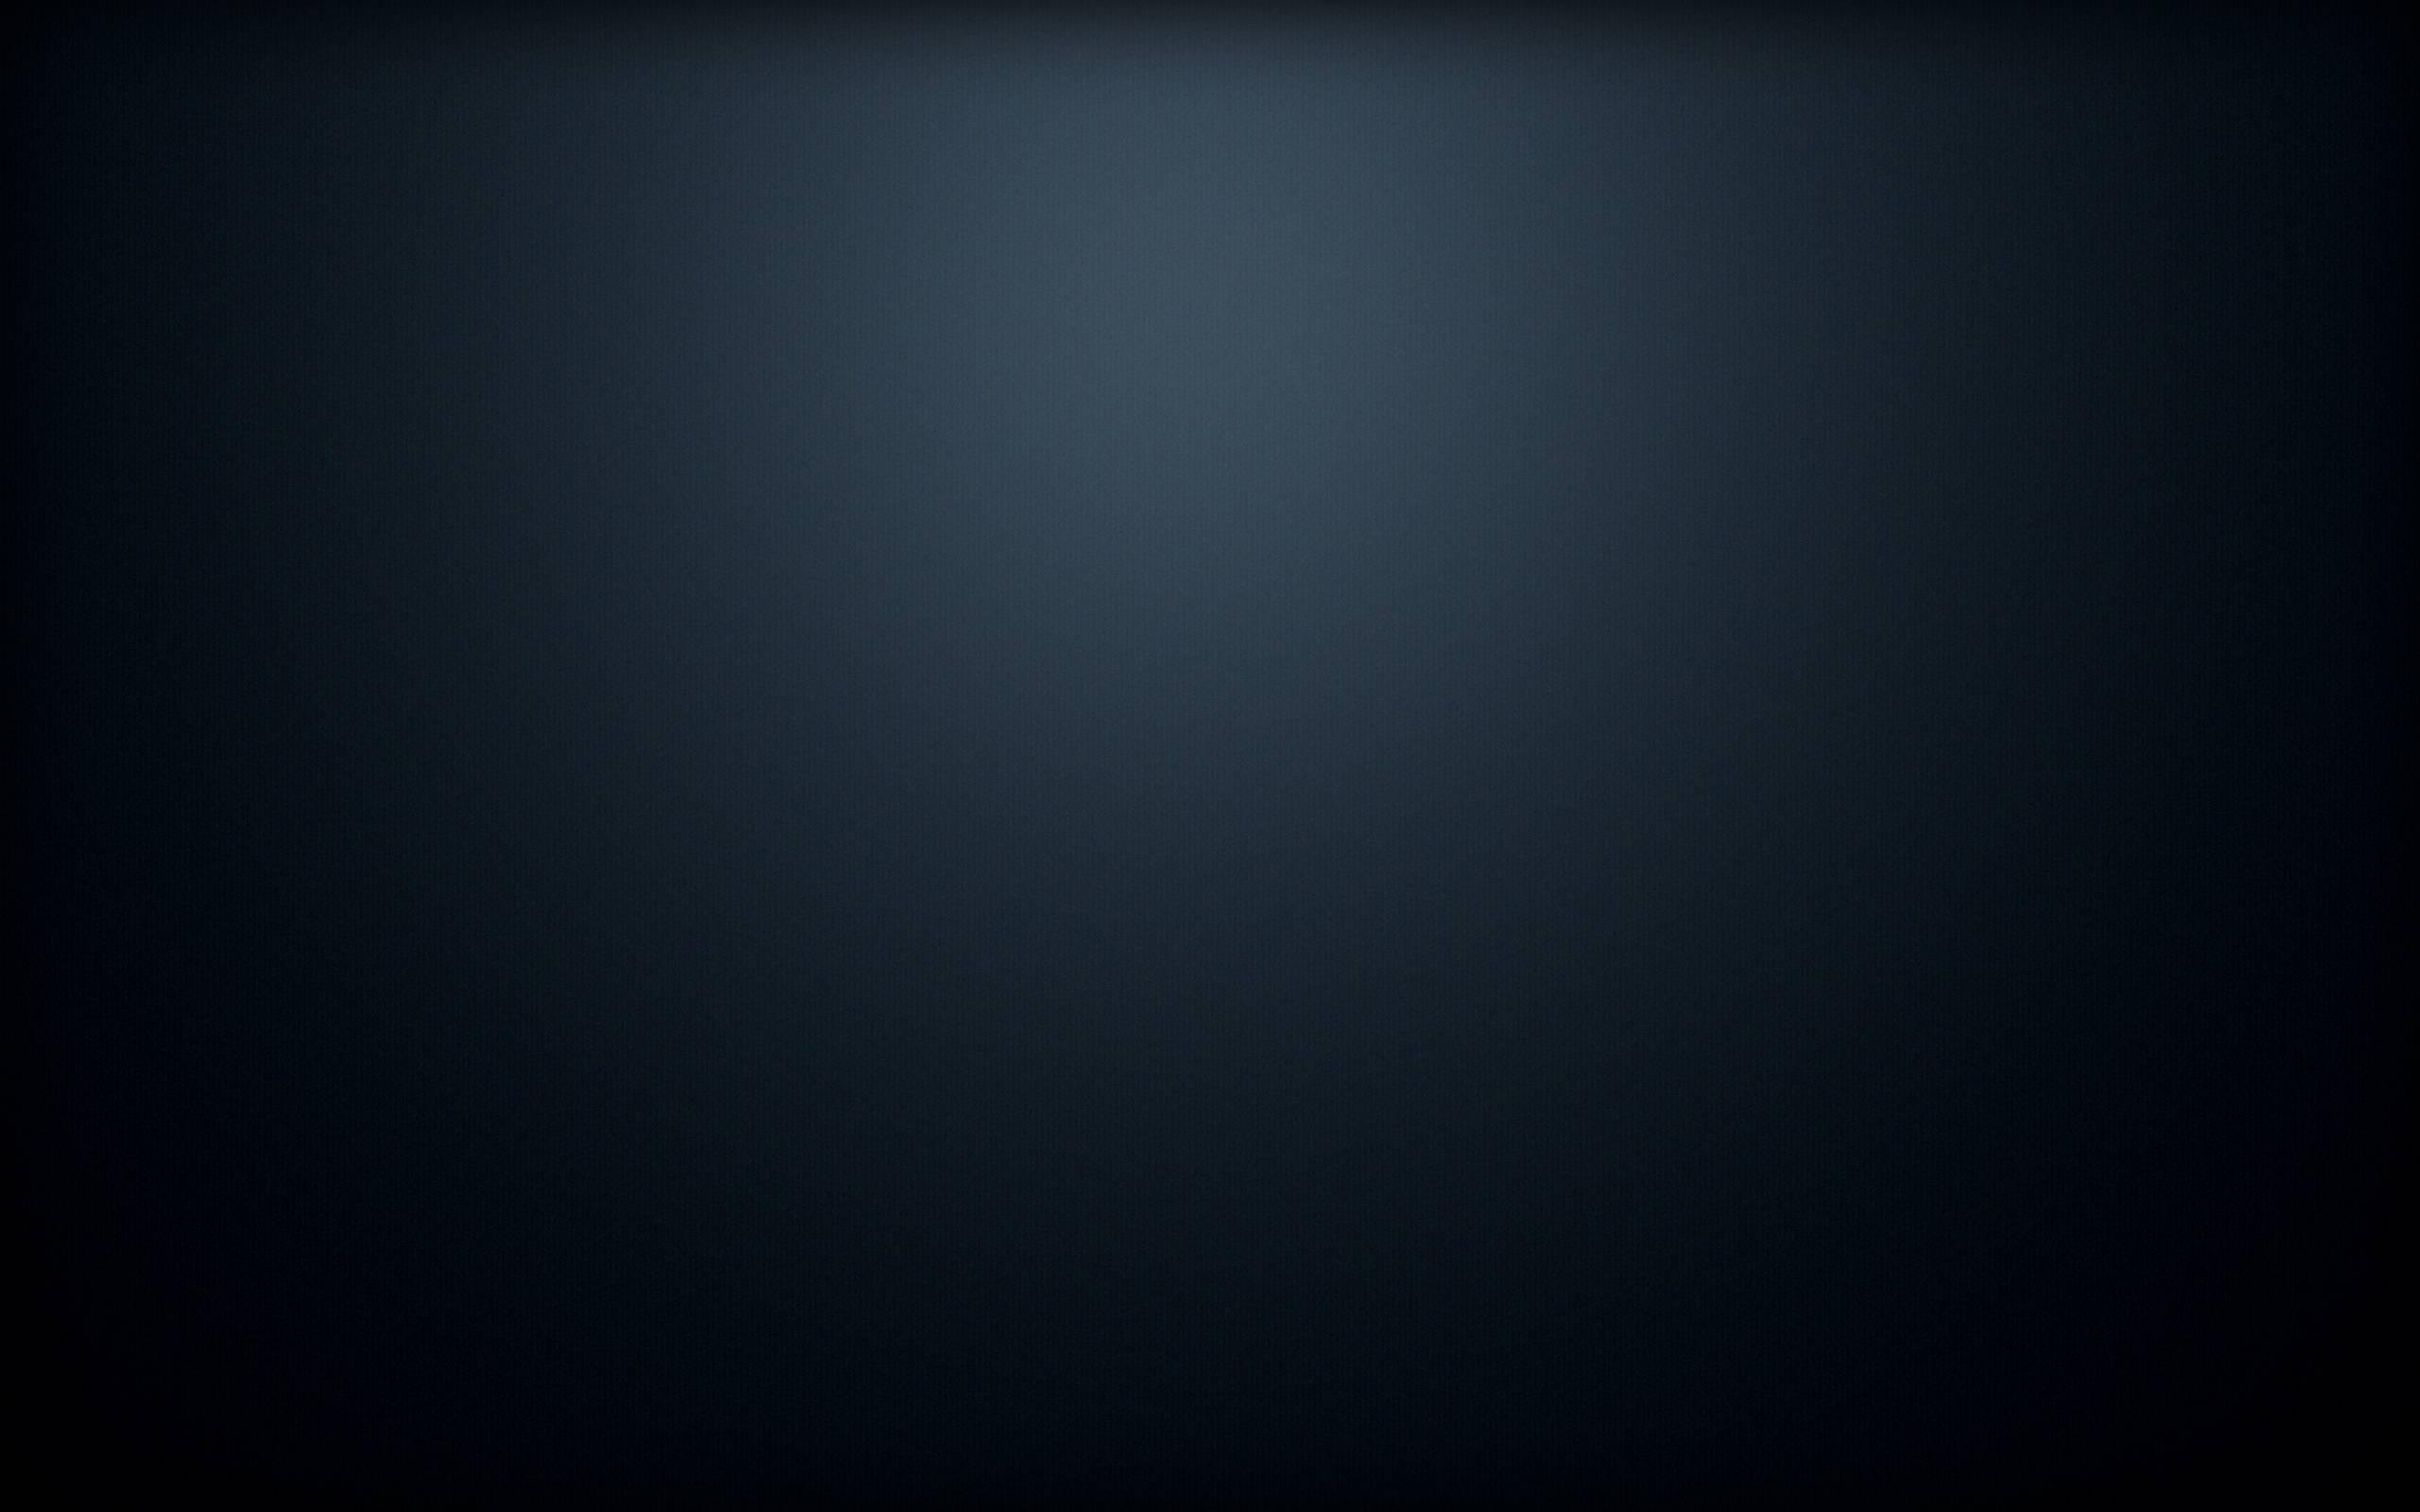 dark-navy-blue-background - wallpaper.wiki